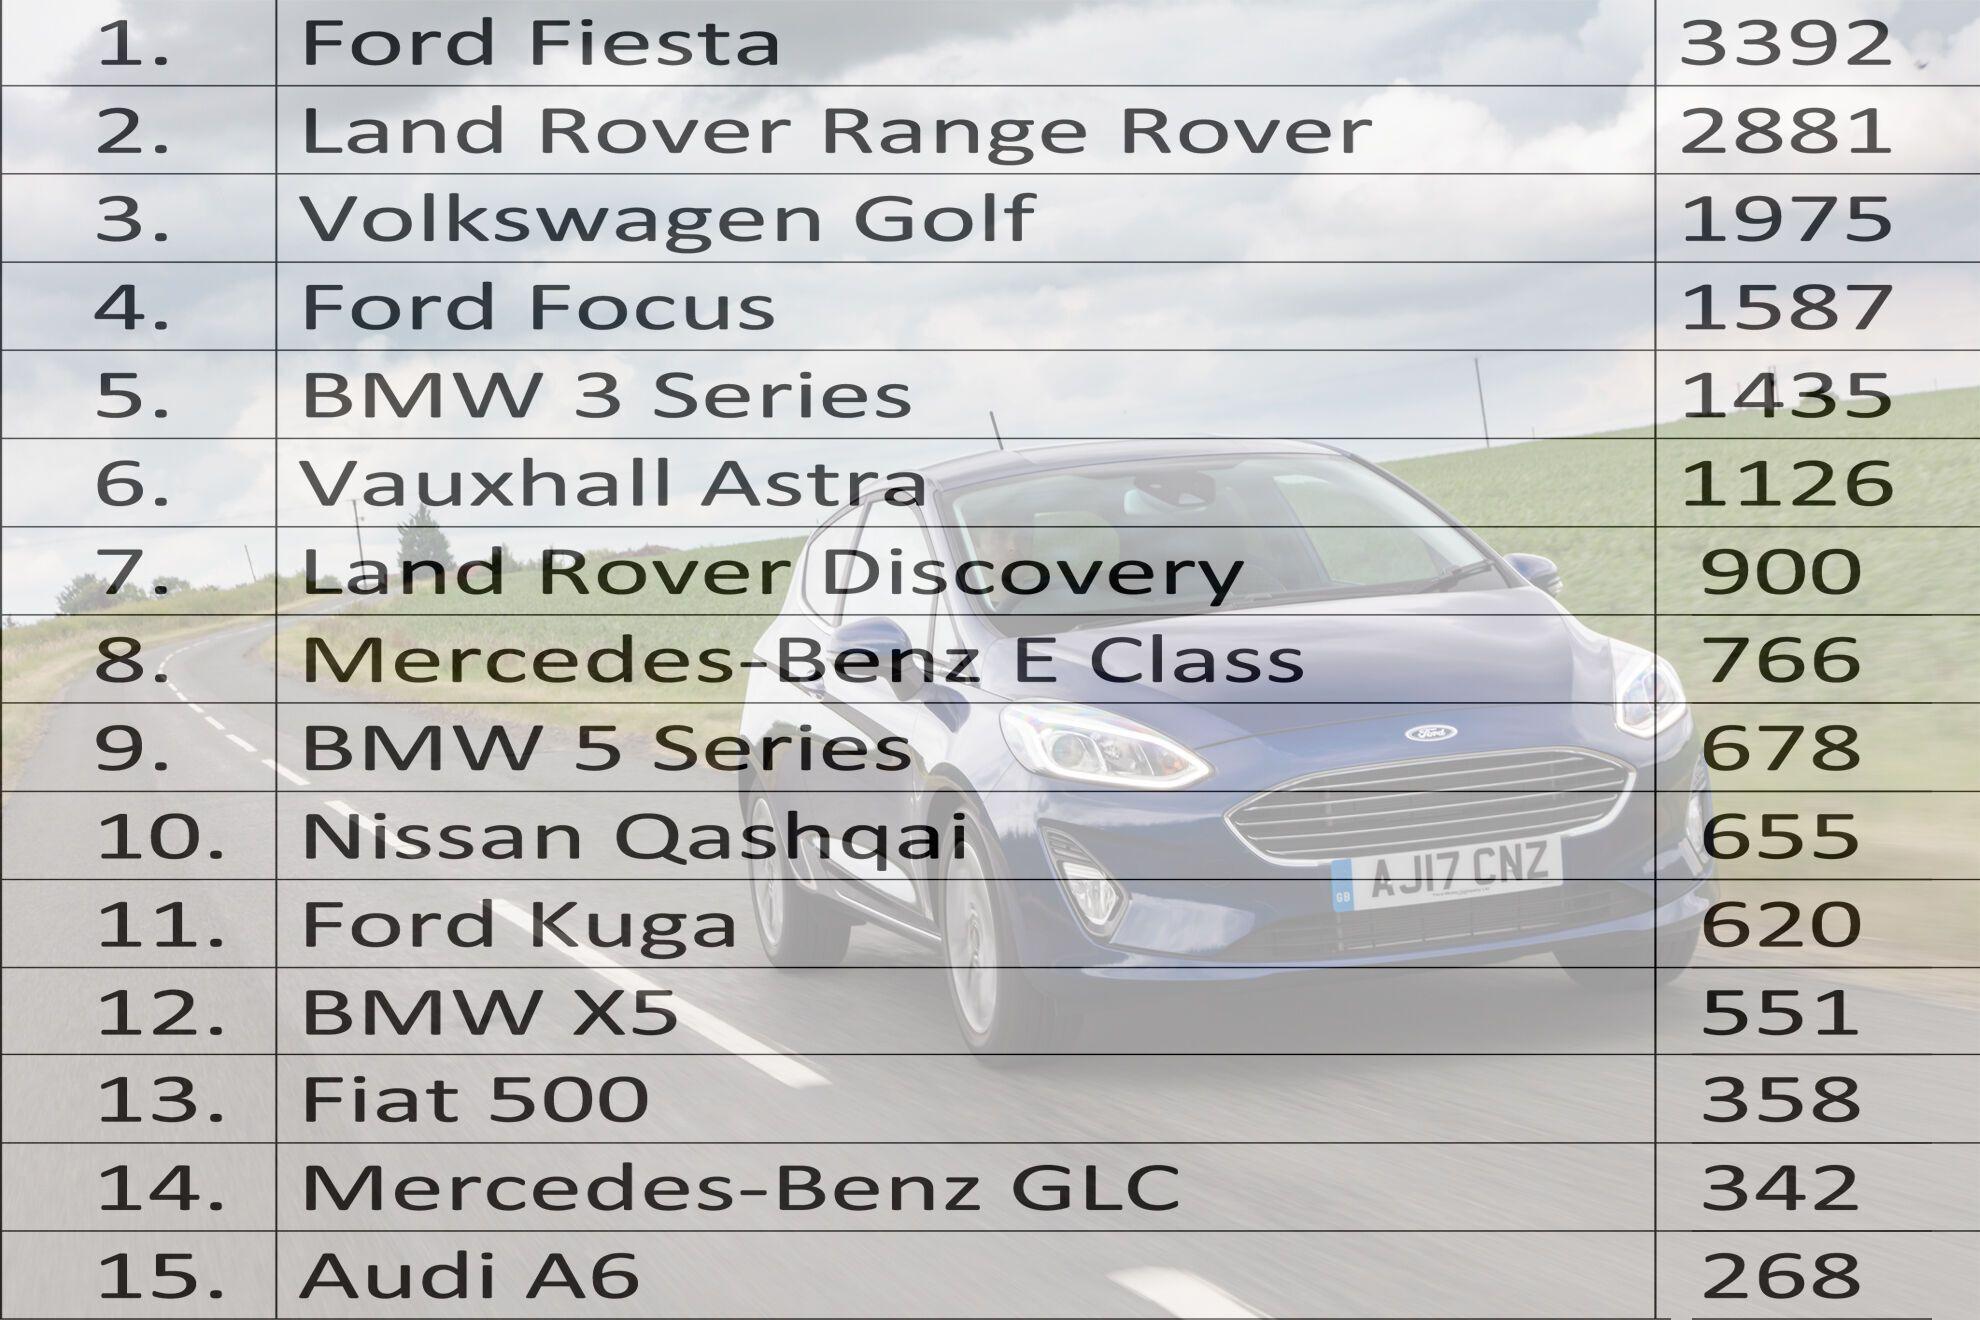 ТОП-15 самых угоняемых авто в Великобритании